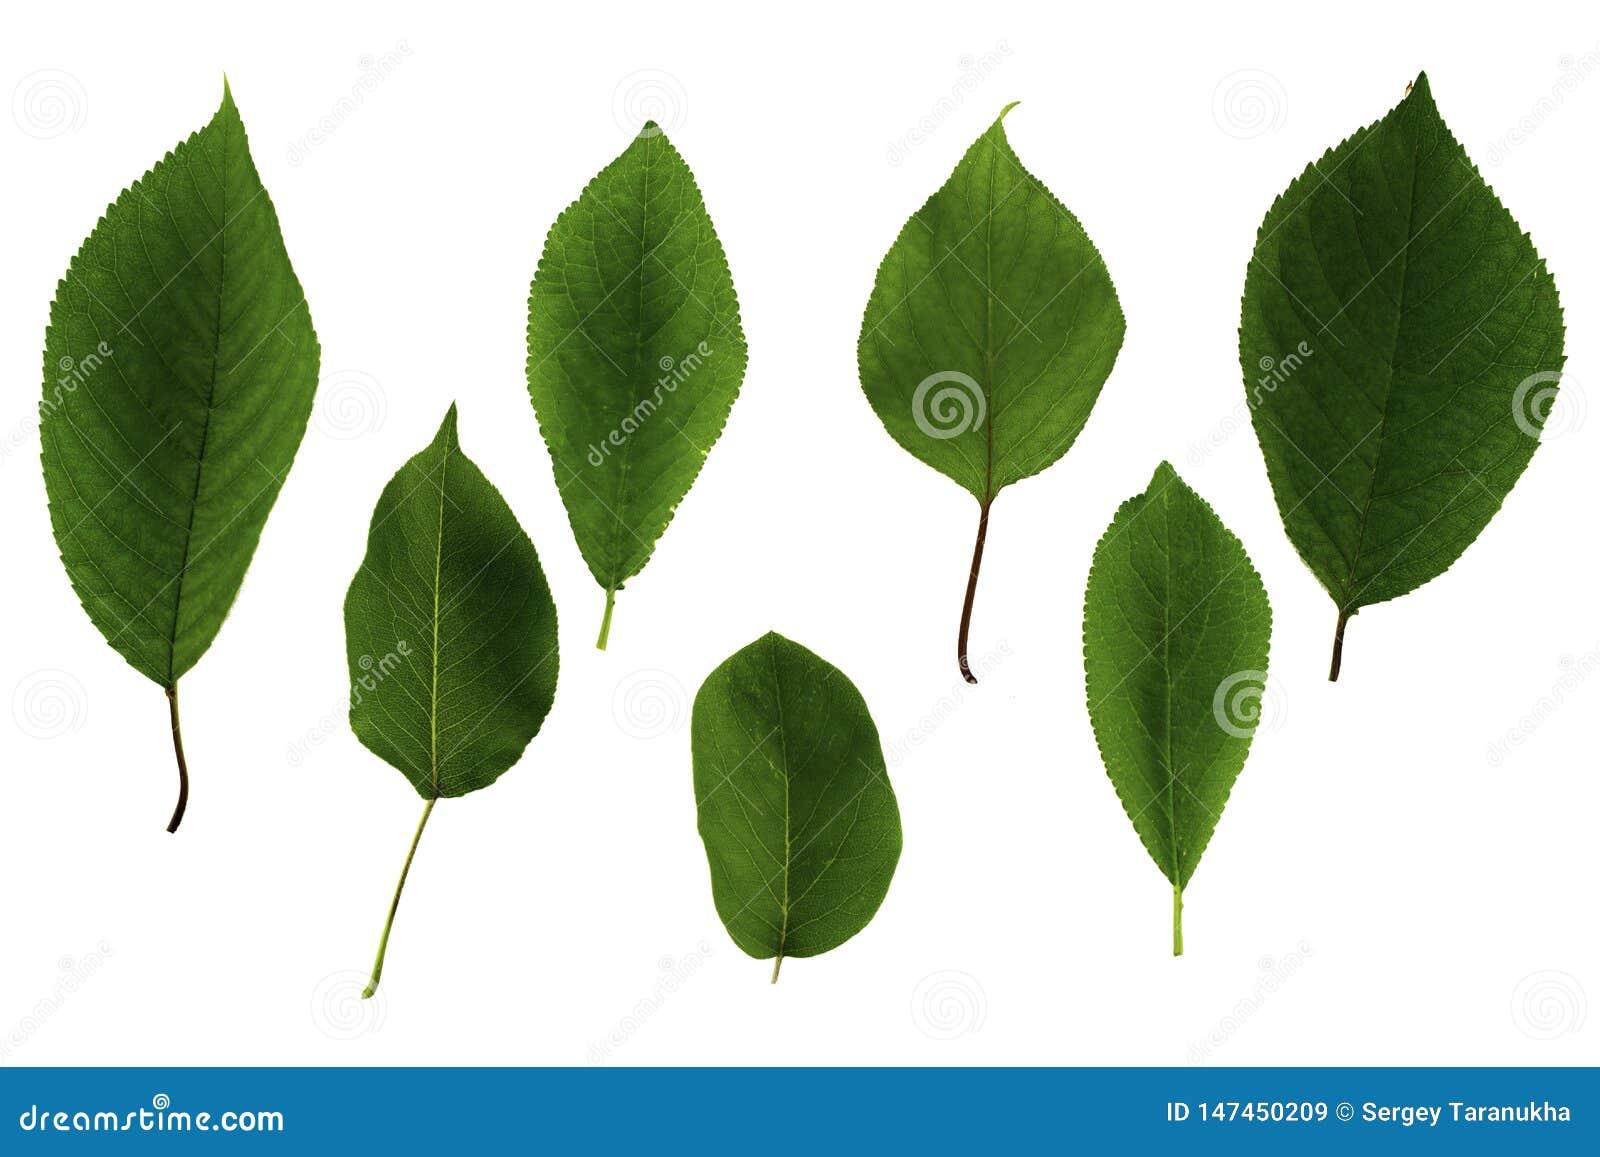 Установите зеленых листьев фруктовых деревьев изолированных на белой предпосылке